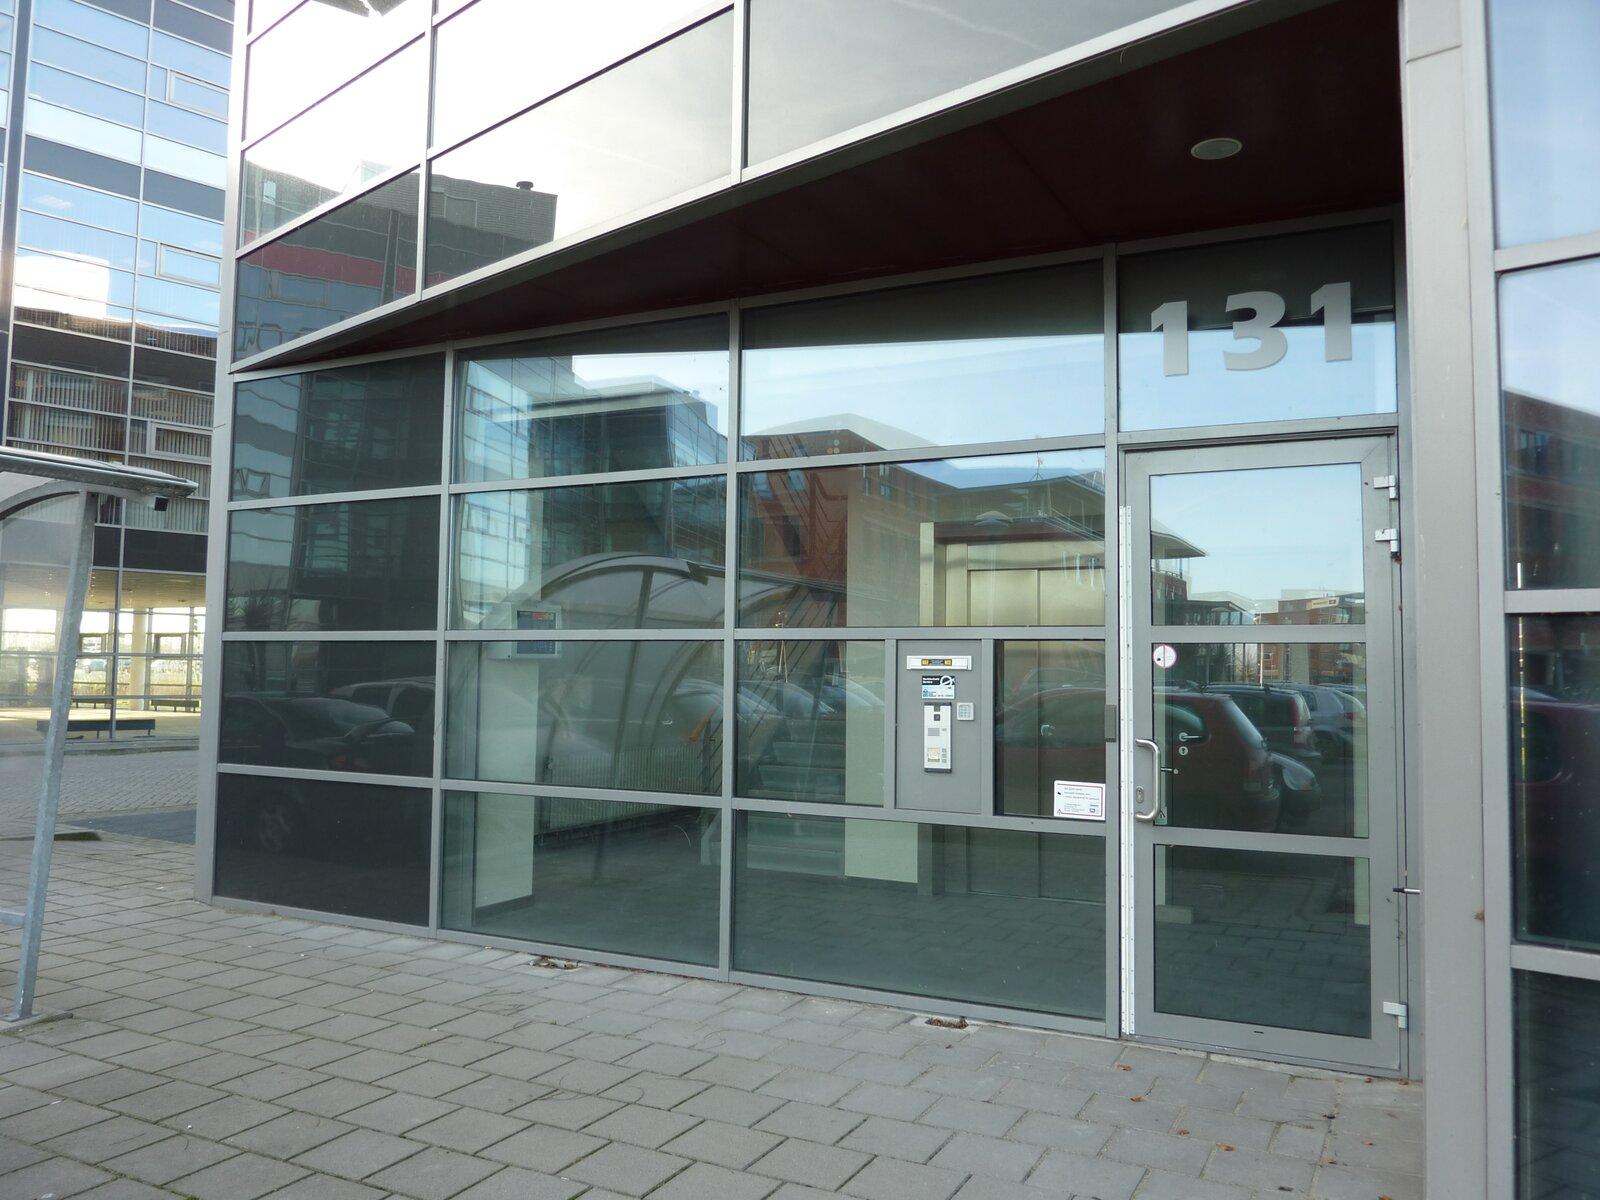 Hogeweg 131 Zaltbommel 04